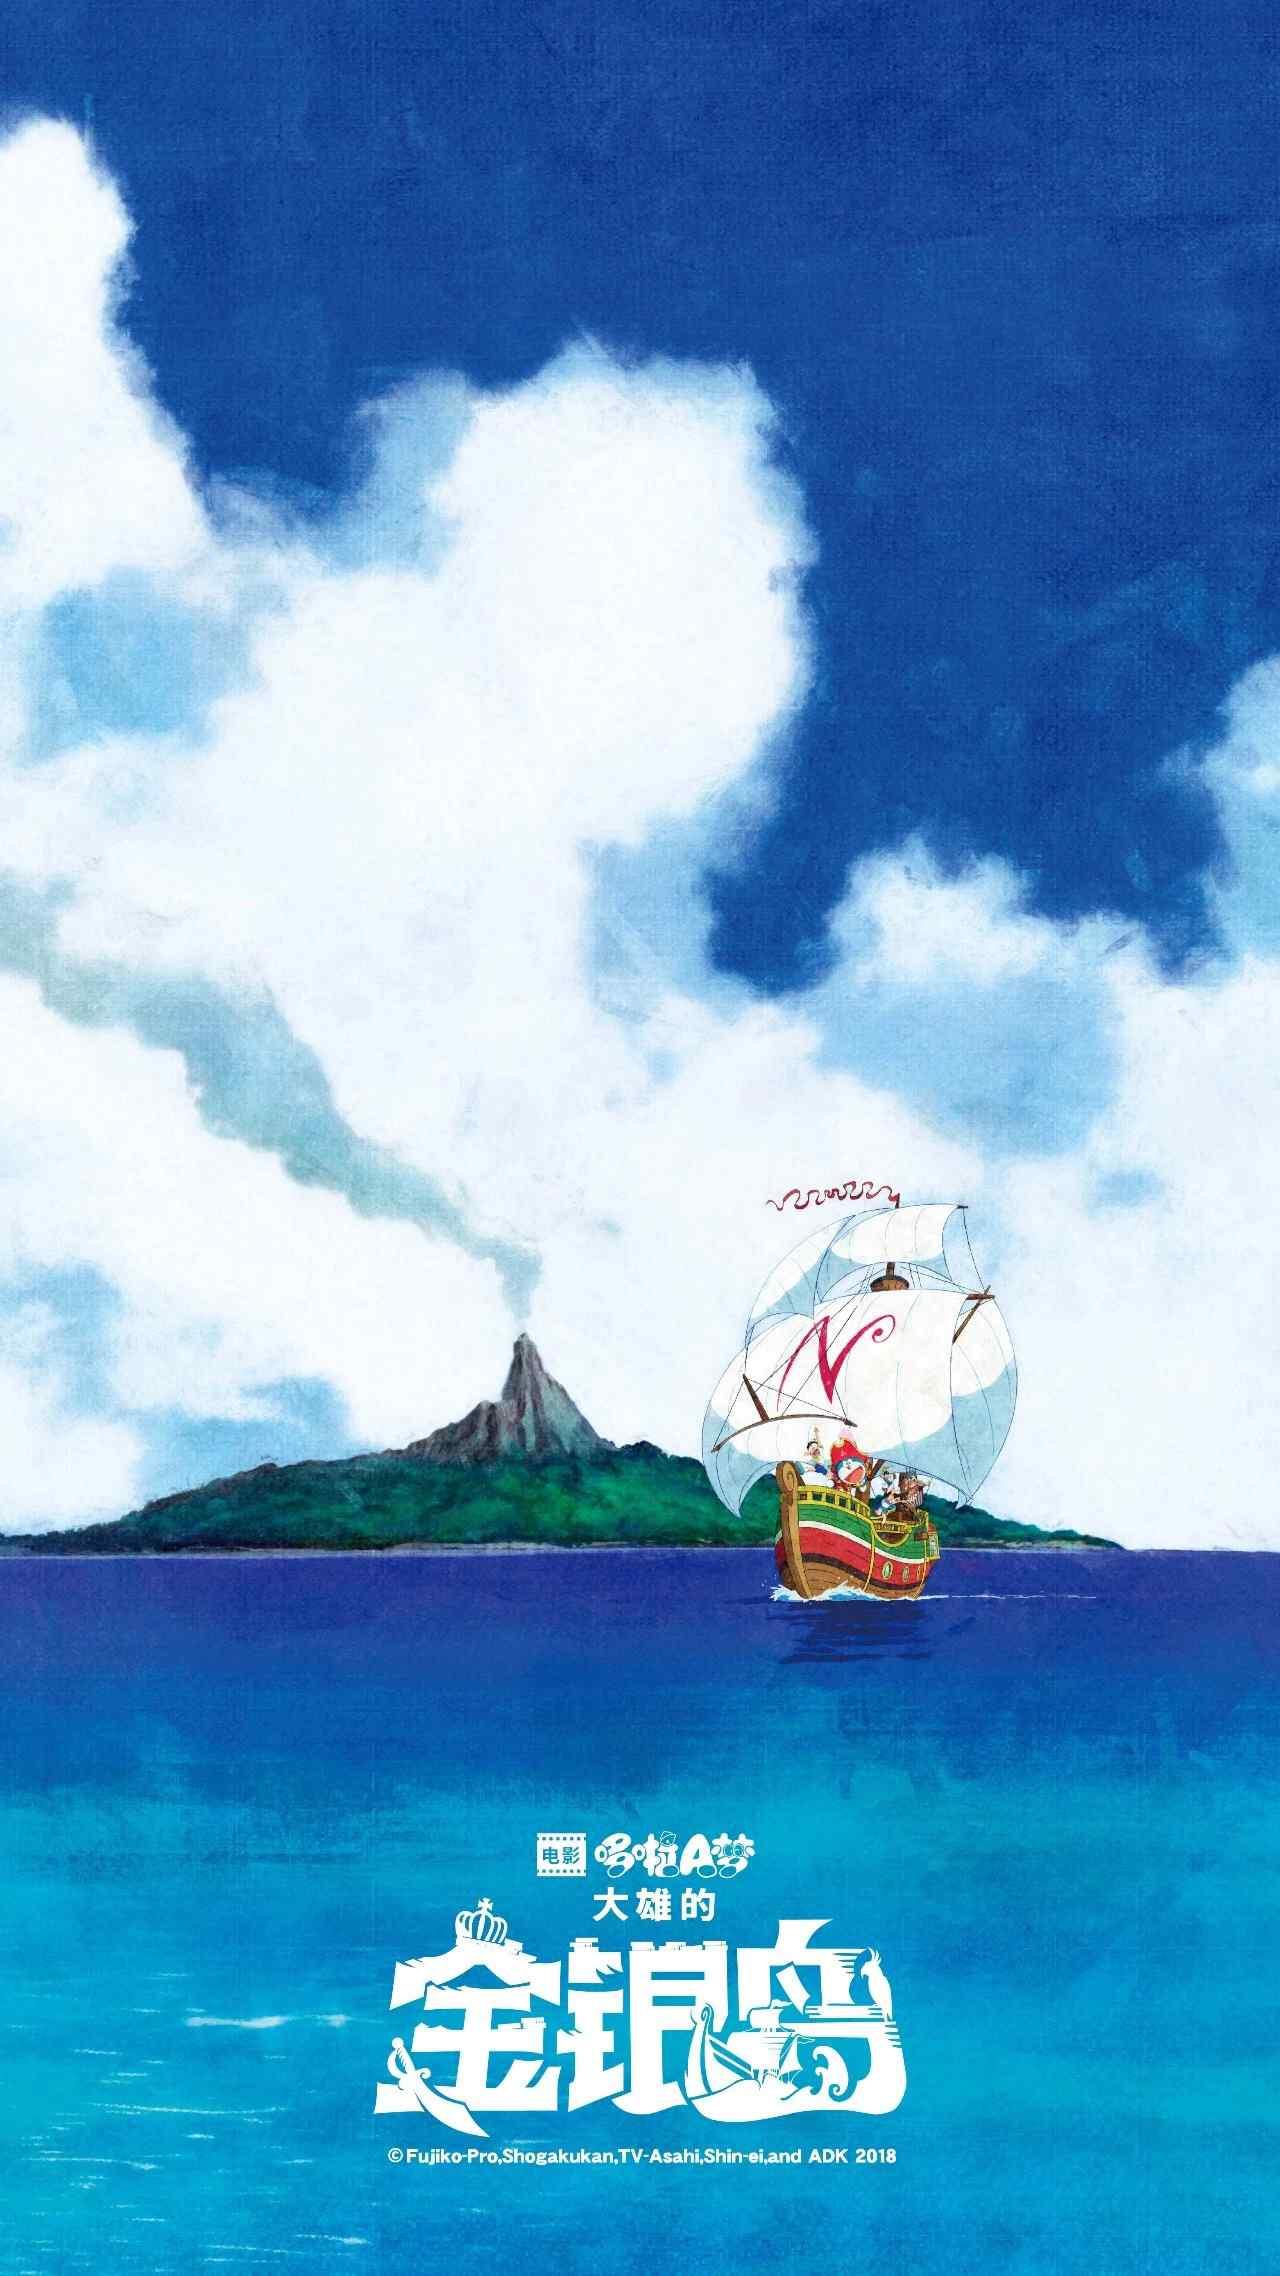 哆啦A梦:大雄的金银岛清新唯美风格手机壁纸